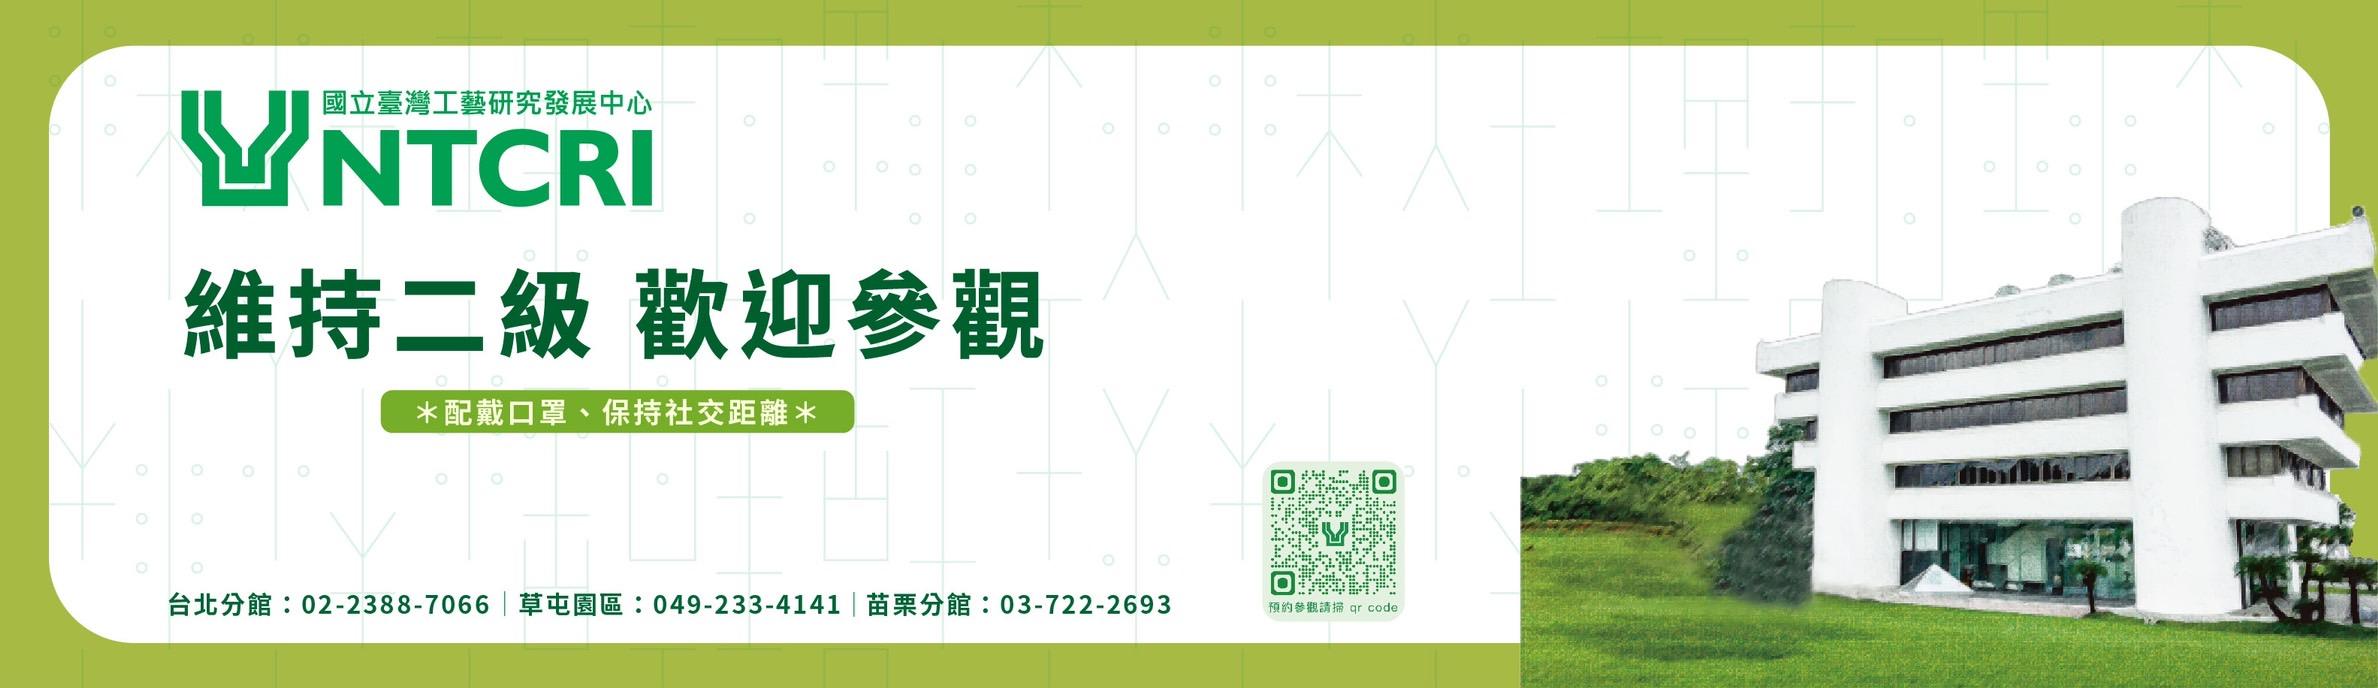 國立臺灣工藝研究發展中心自8月10日起,各場館開放預約民眾優先參觀「另開新視窗」-ipad